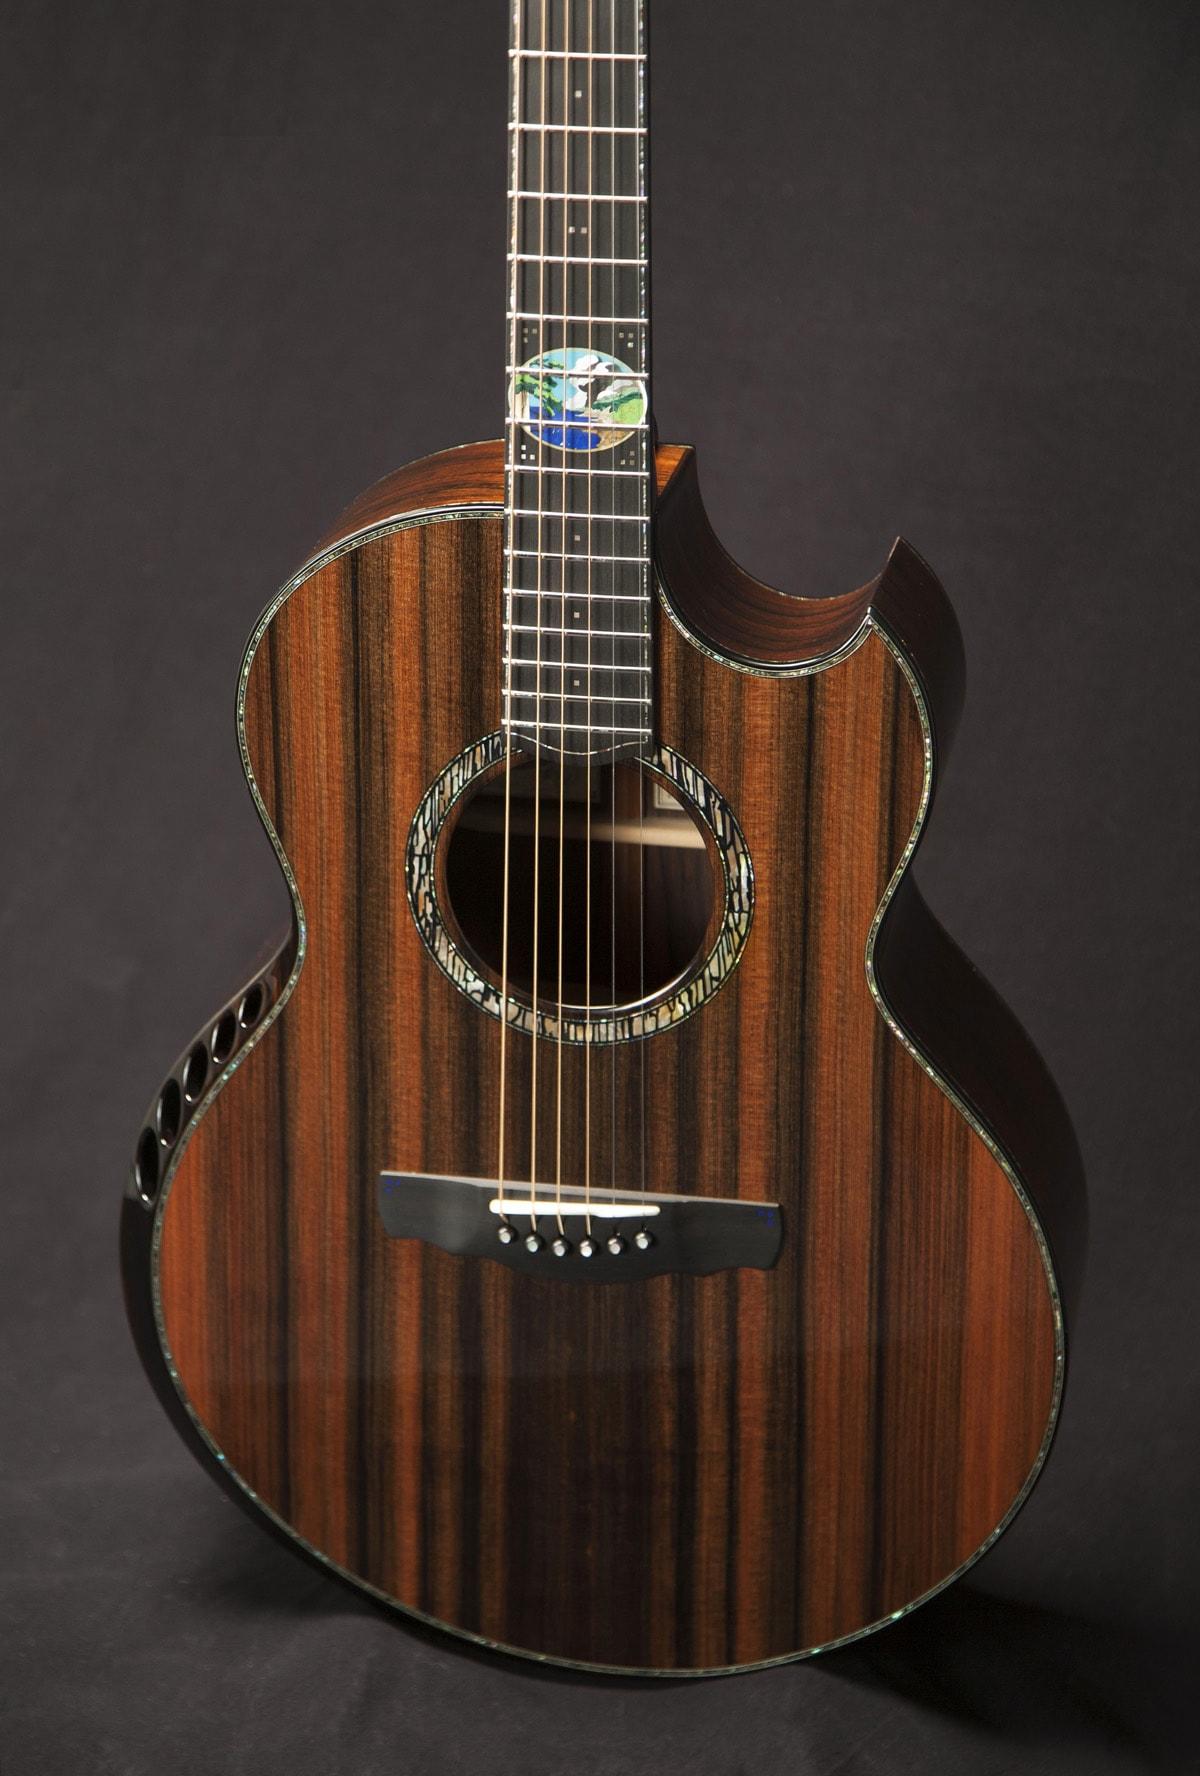 30th Anniversary Guitars -